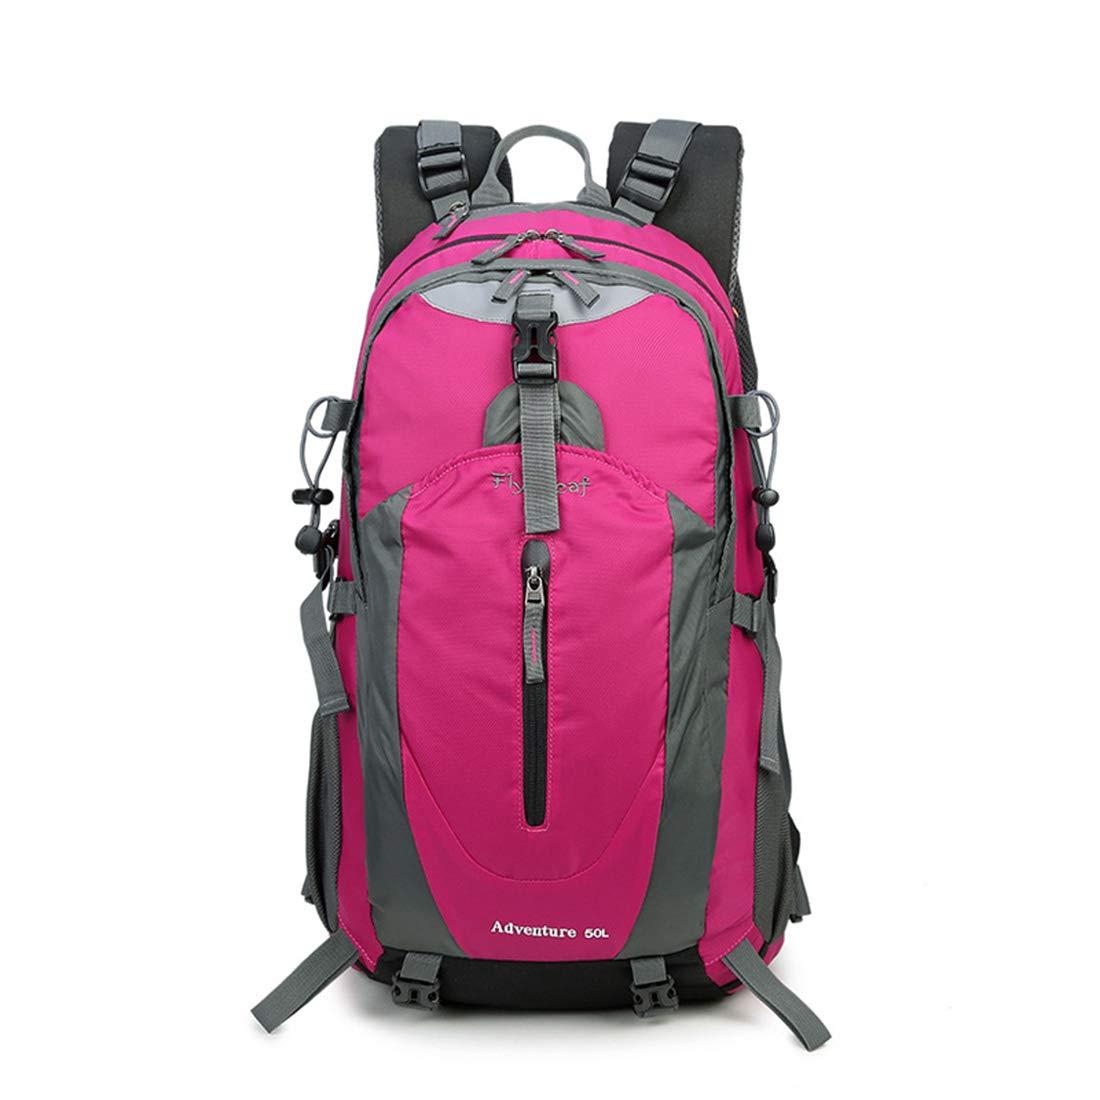 AREDOVL Mochilas Viajes multifunción Caminando Escalada Silvestre Camping Ocio Deporte Hombros neutros Adecuados para Uso en Exteriores (Color : Rose Red)